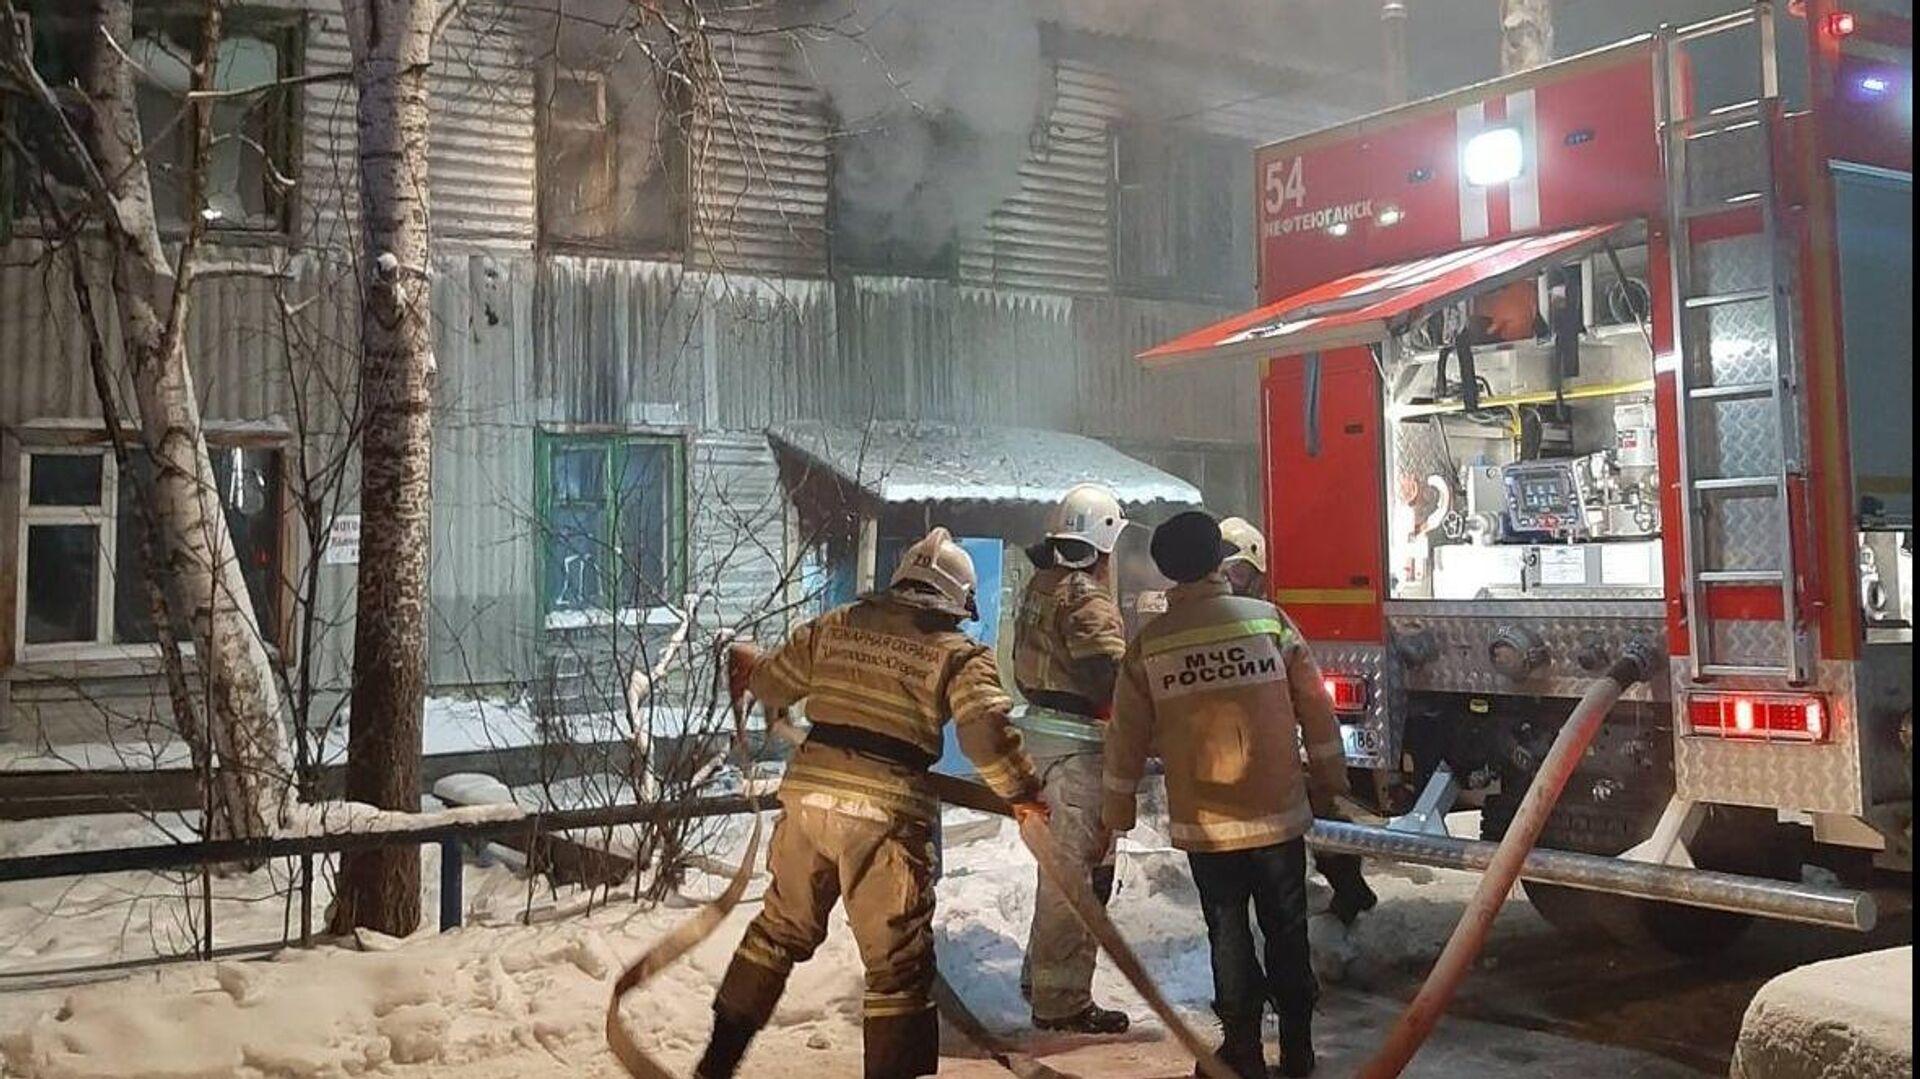 Сотрудники МЧС во время ликвидации пожара в Нефтеюганске - РИА Новости, 1920, 15.01.2021